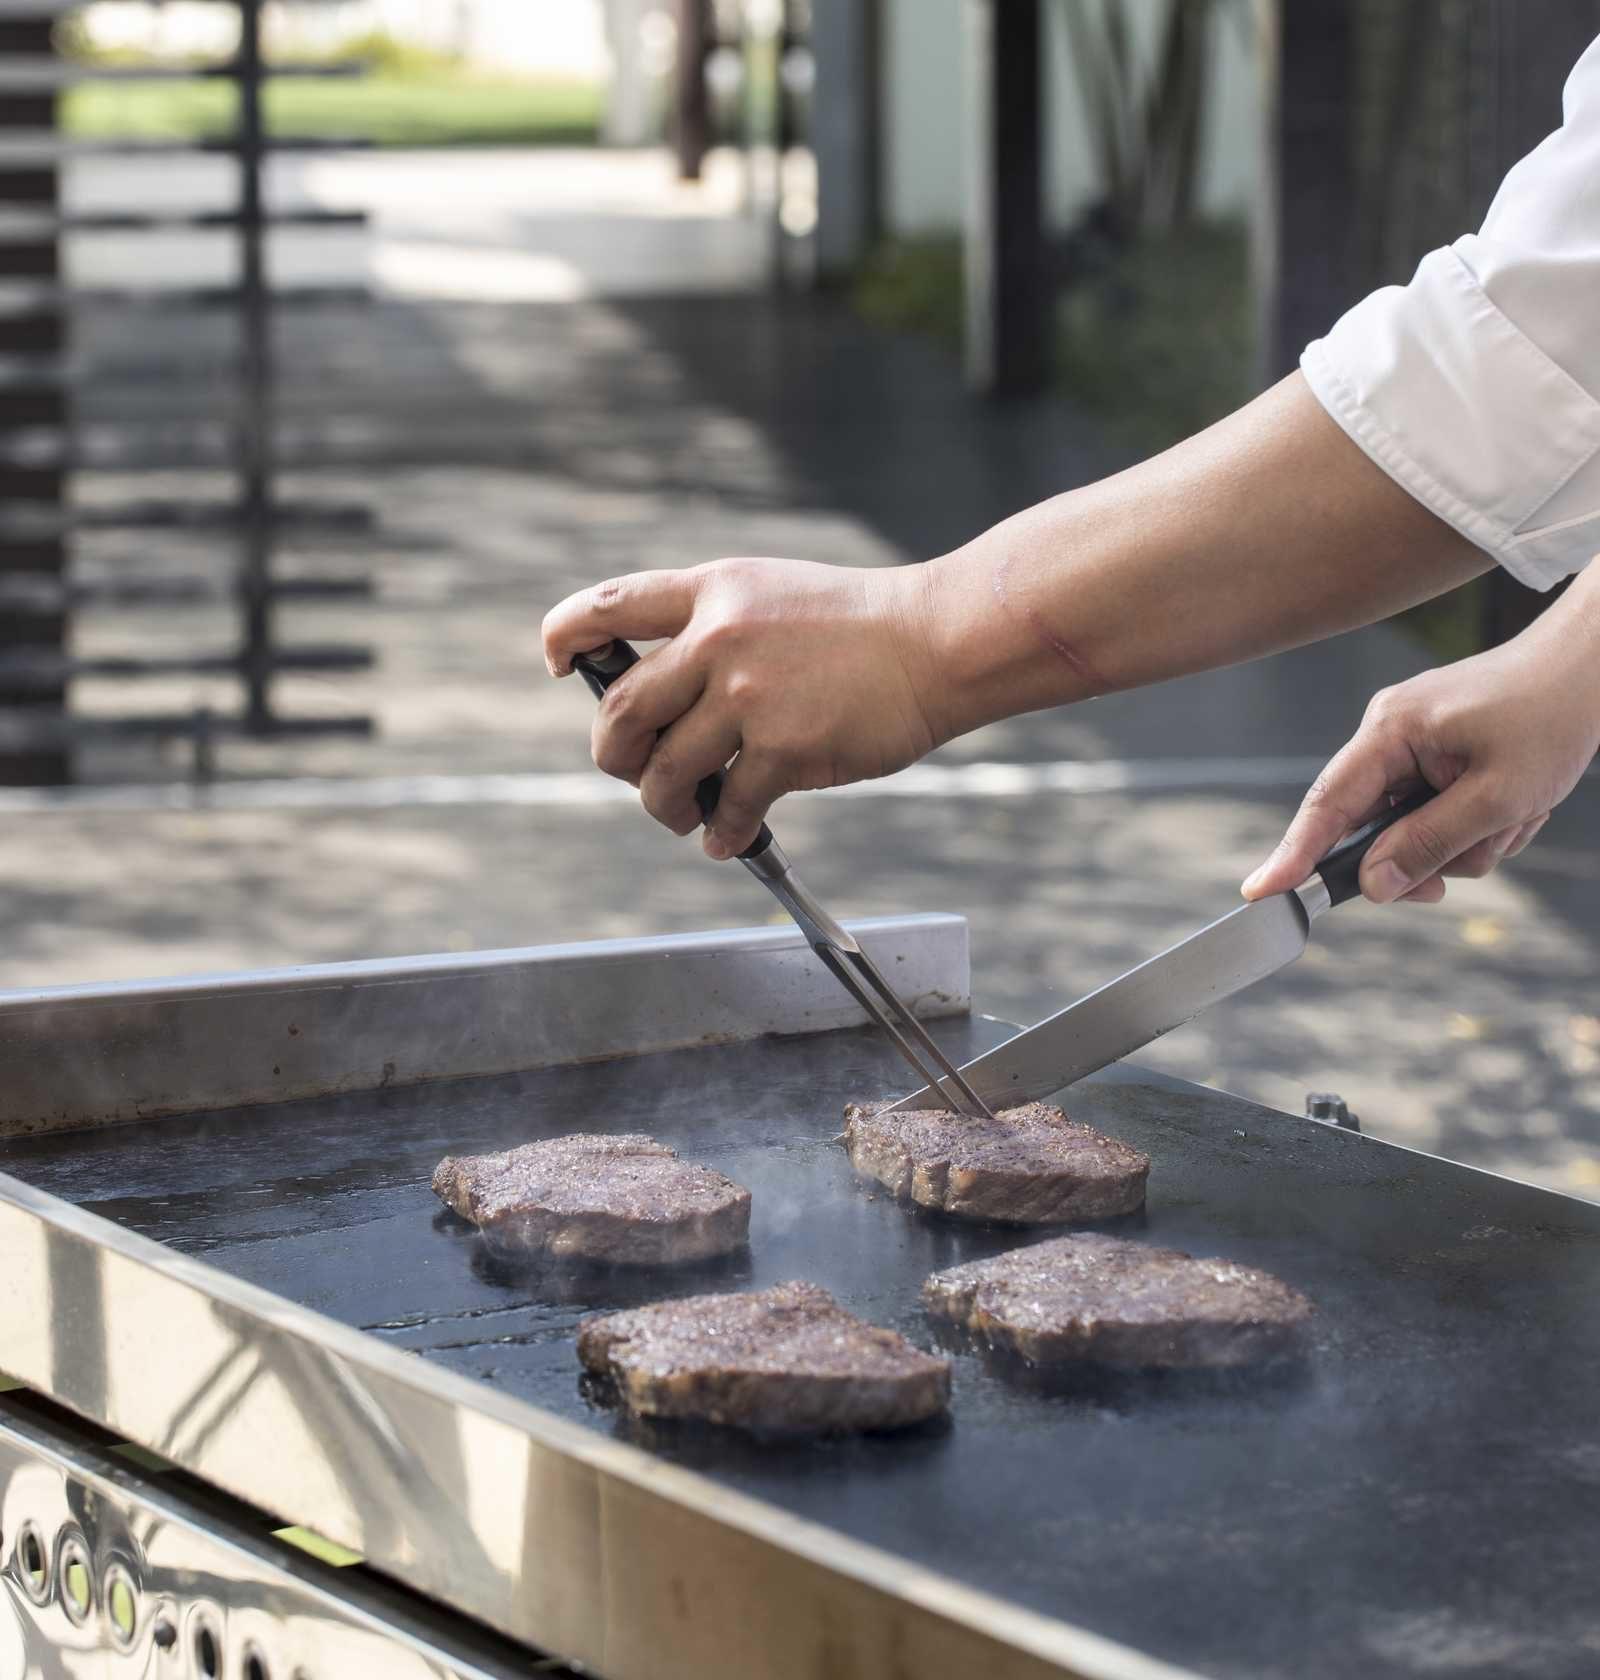 高松市の結婚式場アイルバレクラブの婚礼料理のお肉イメージ